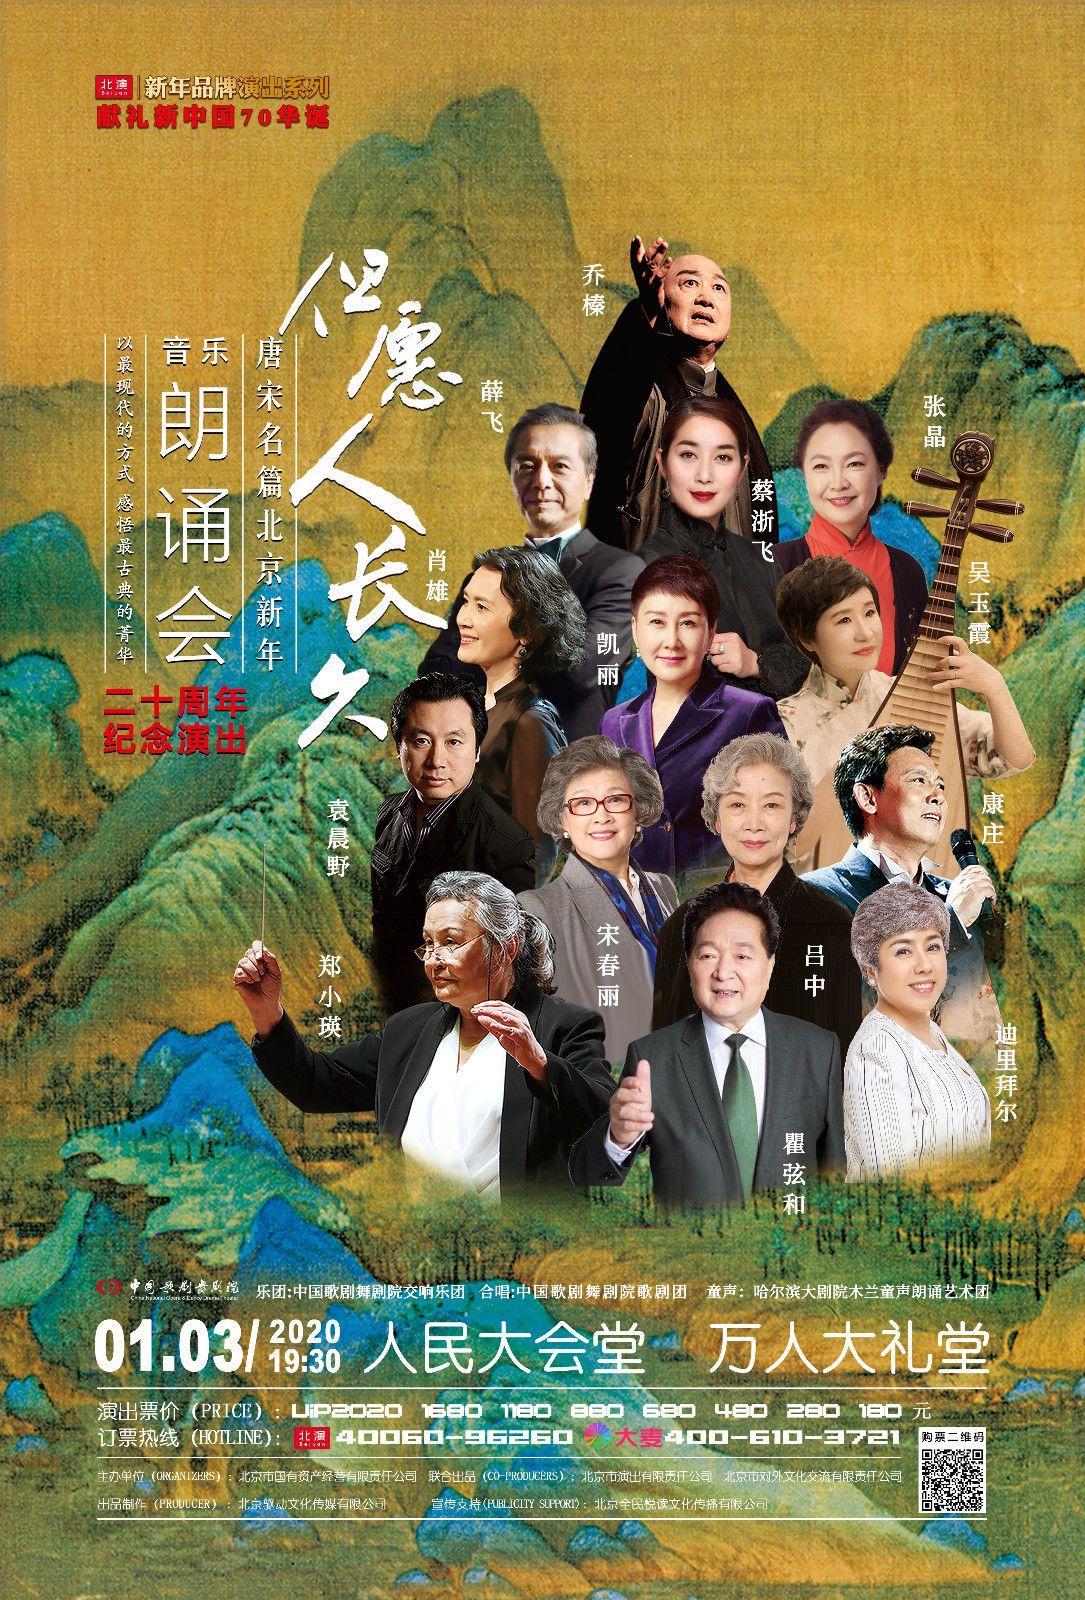 新年音乐朗诵会时隔二十年重返京城,名家朗诵唐宋名篇图片